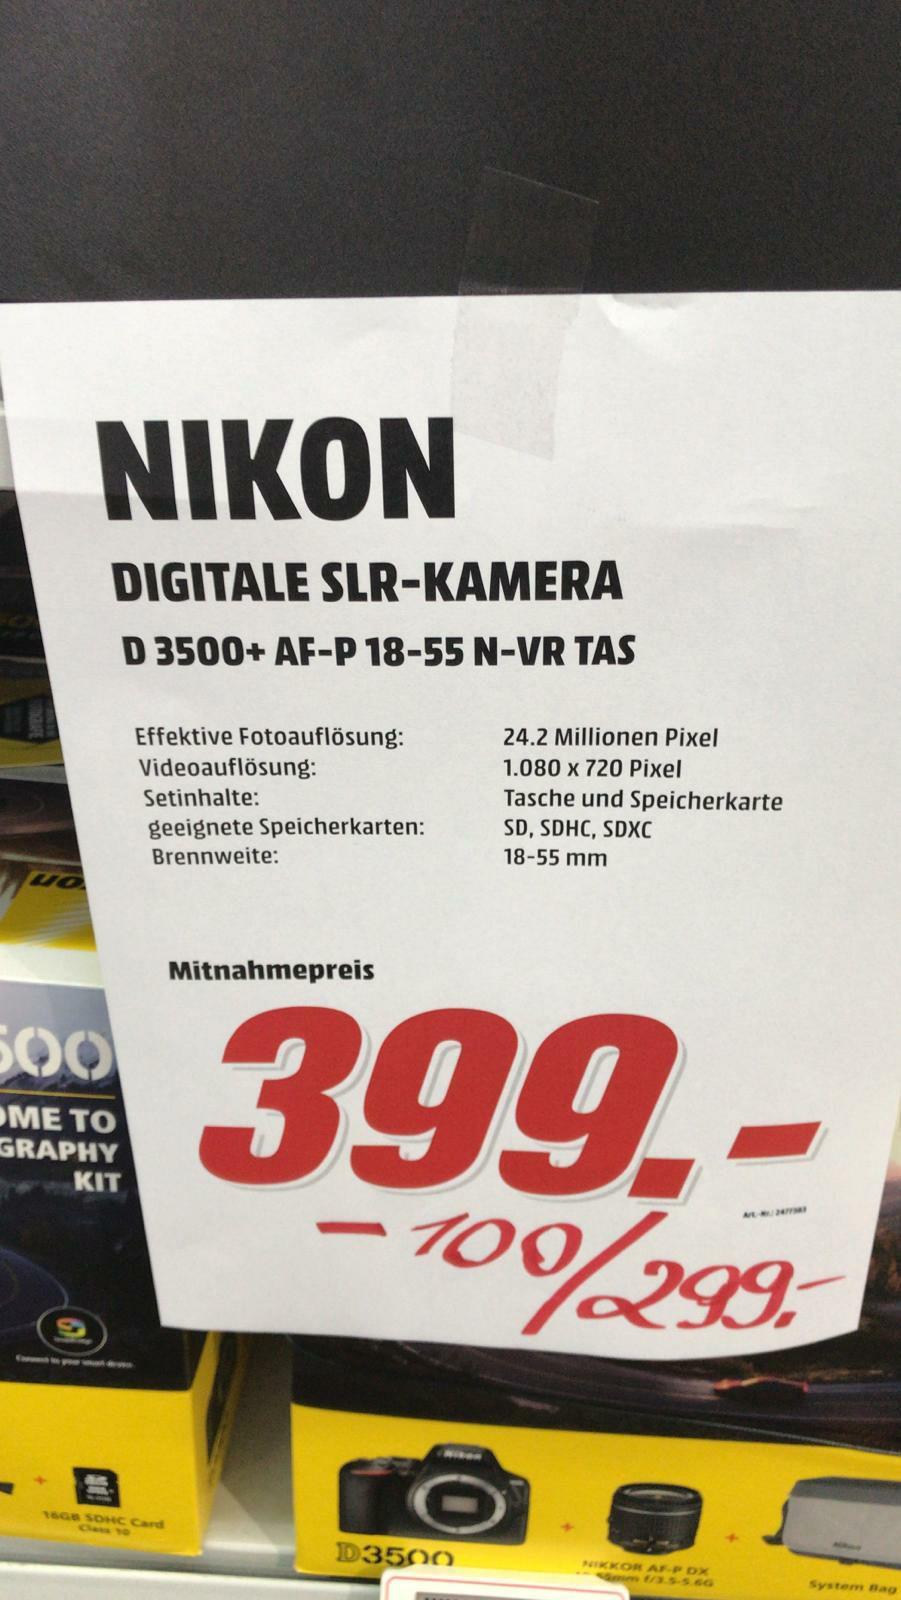 Nikon D3500 Lokal Mediamarkt Weiterstadt